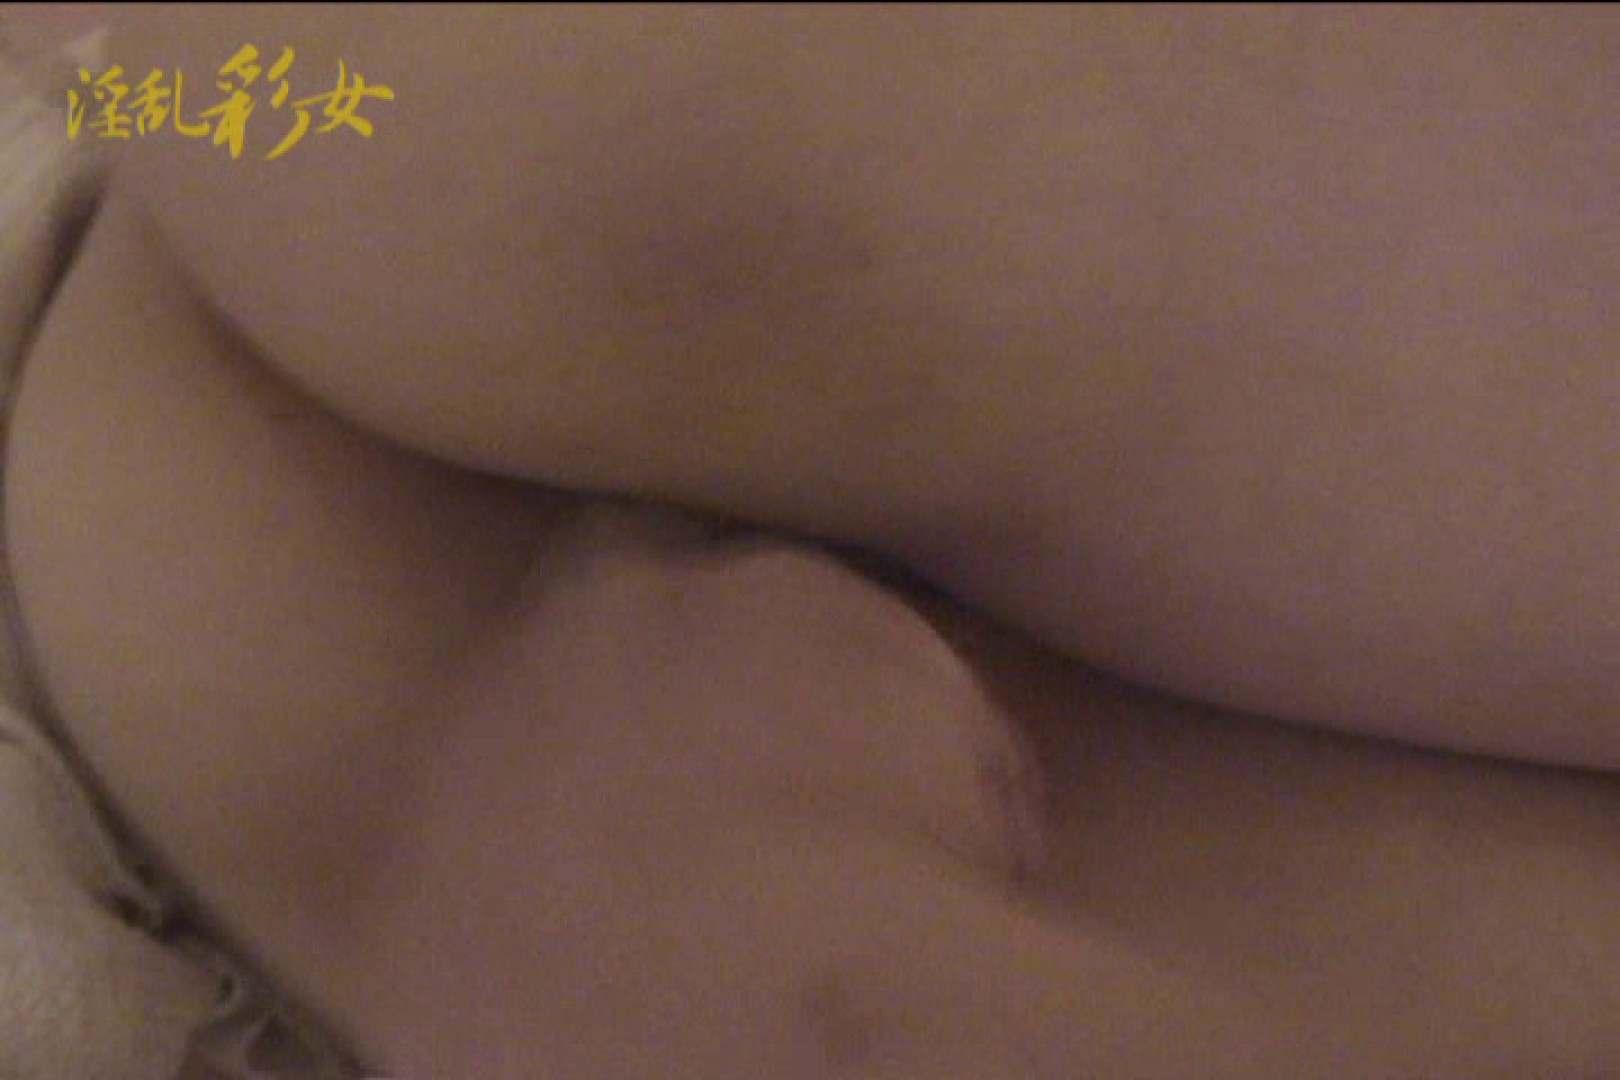 淫乱彩女 麻優里 30代の公認彼氏に貸し出し3 一般投稿   中出し  99画像 6